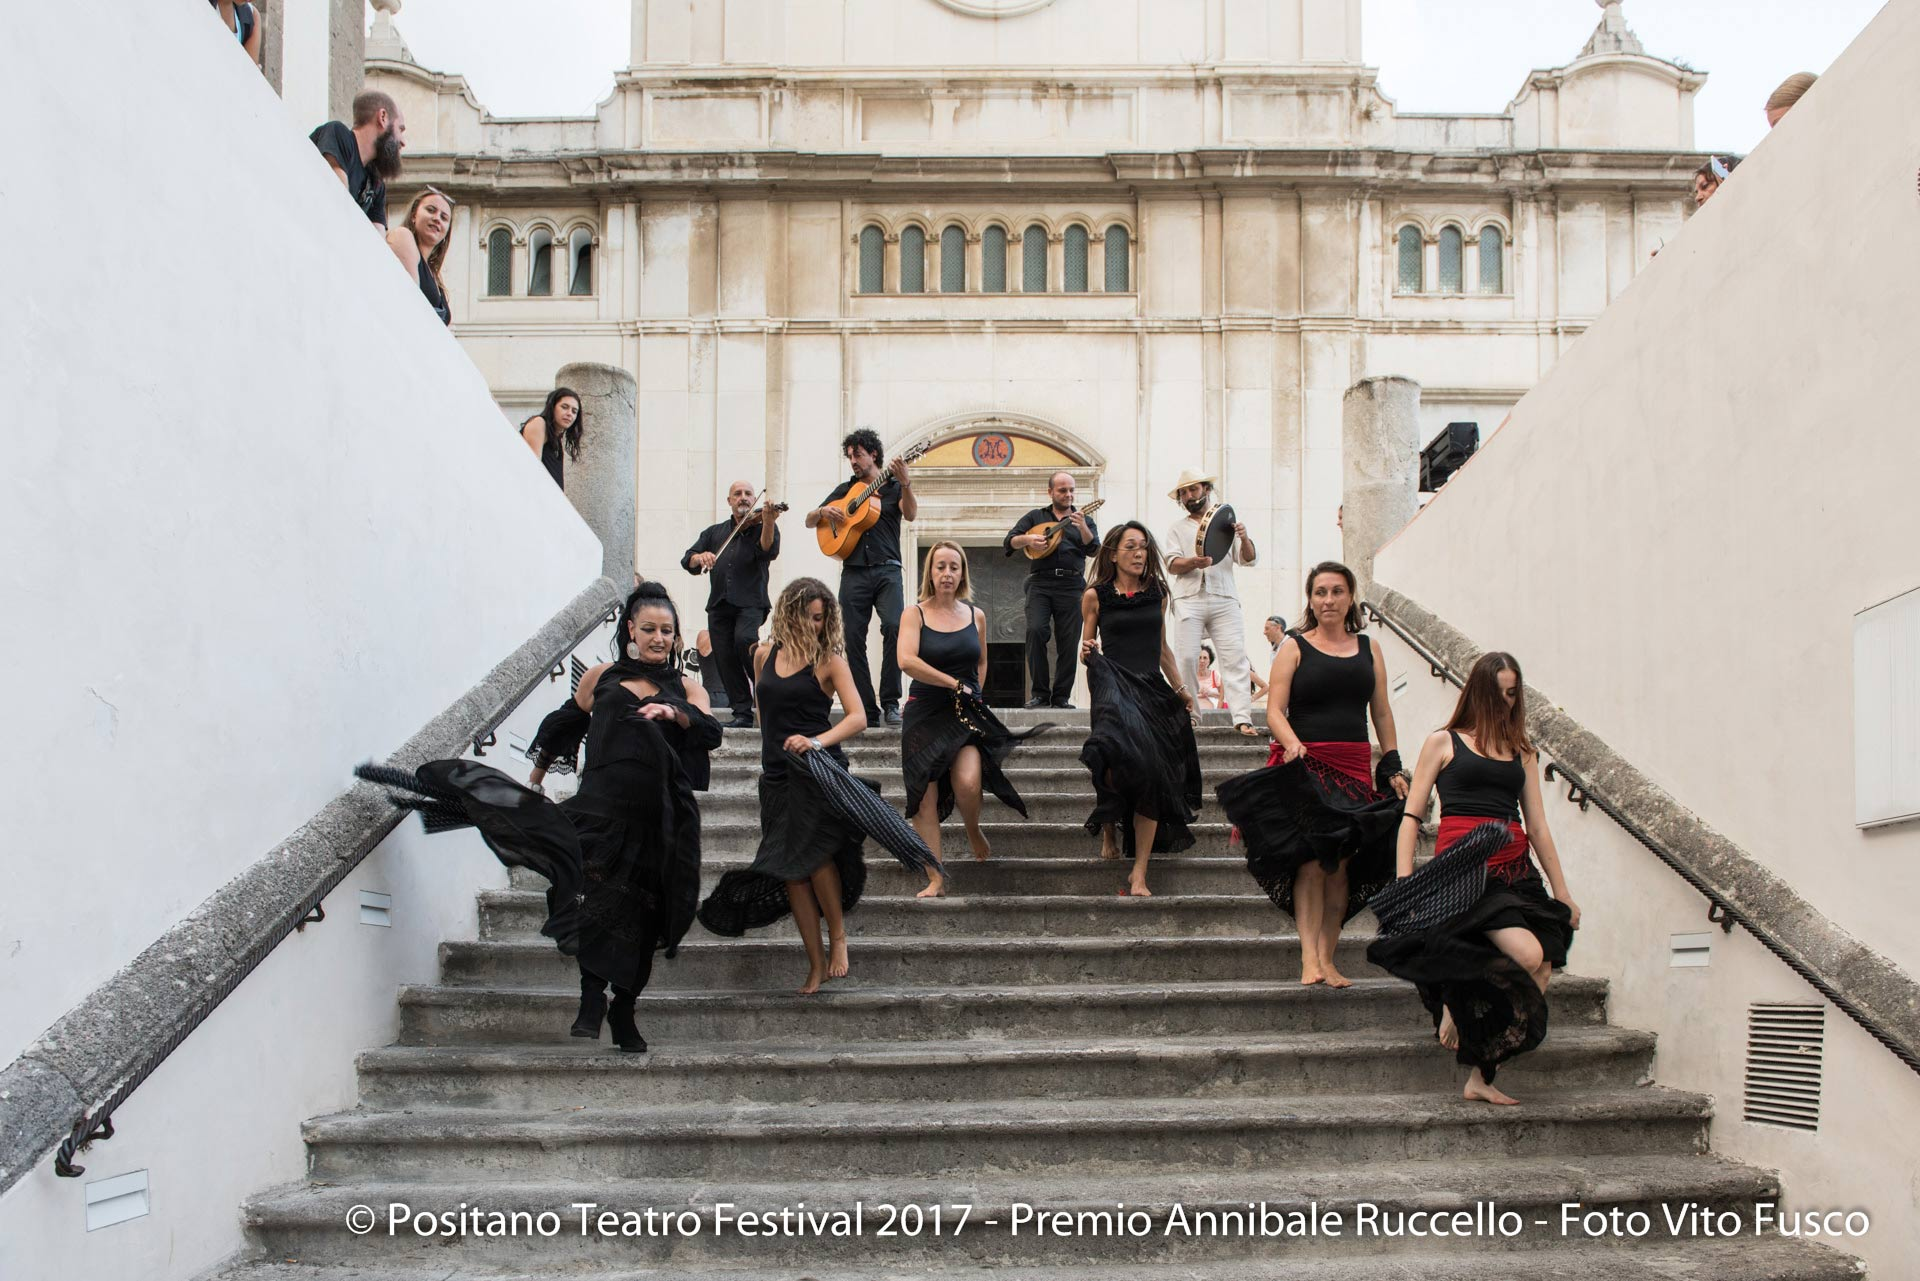 events-positano-teatro-festival